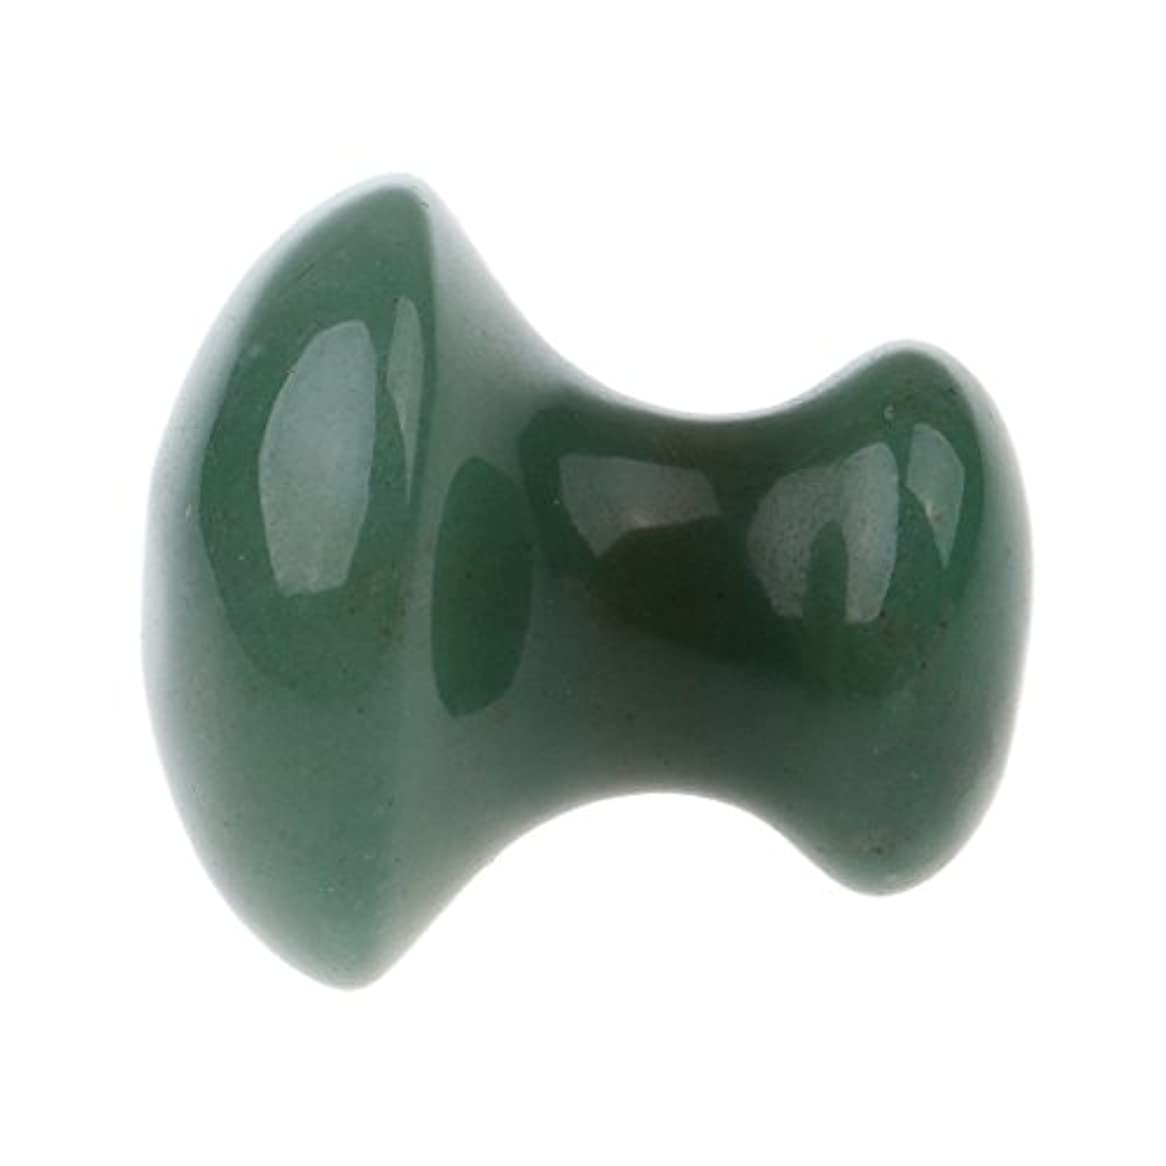 はぁトレーニング複雑マッサージストーン 石 ストーン 美容 マッシュルーム スキンケア 2色選べる - 緑